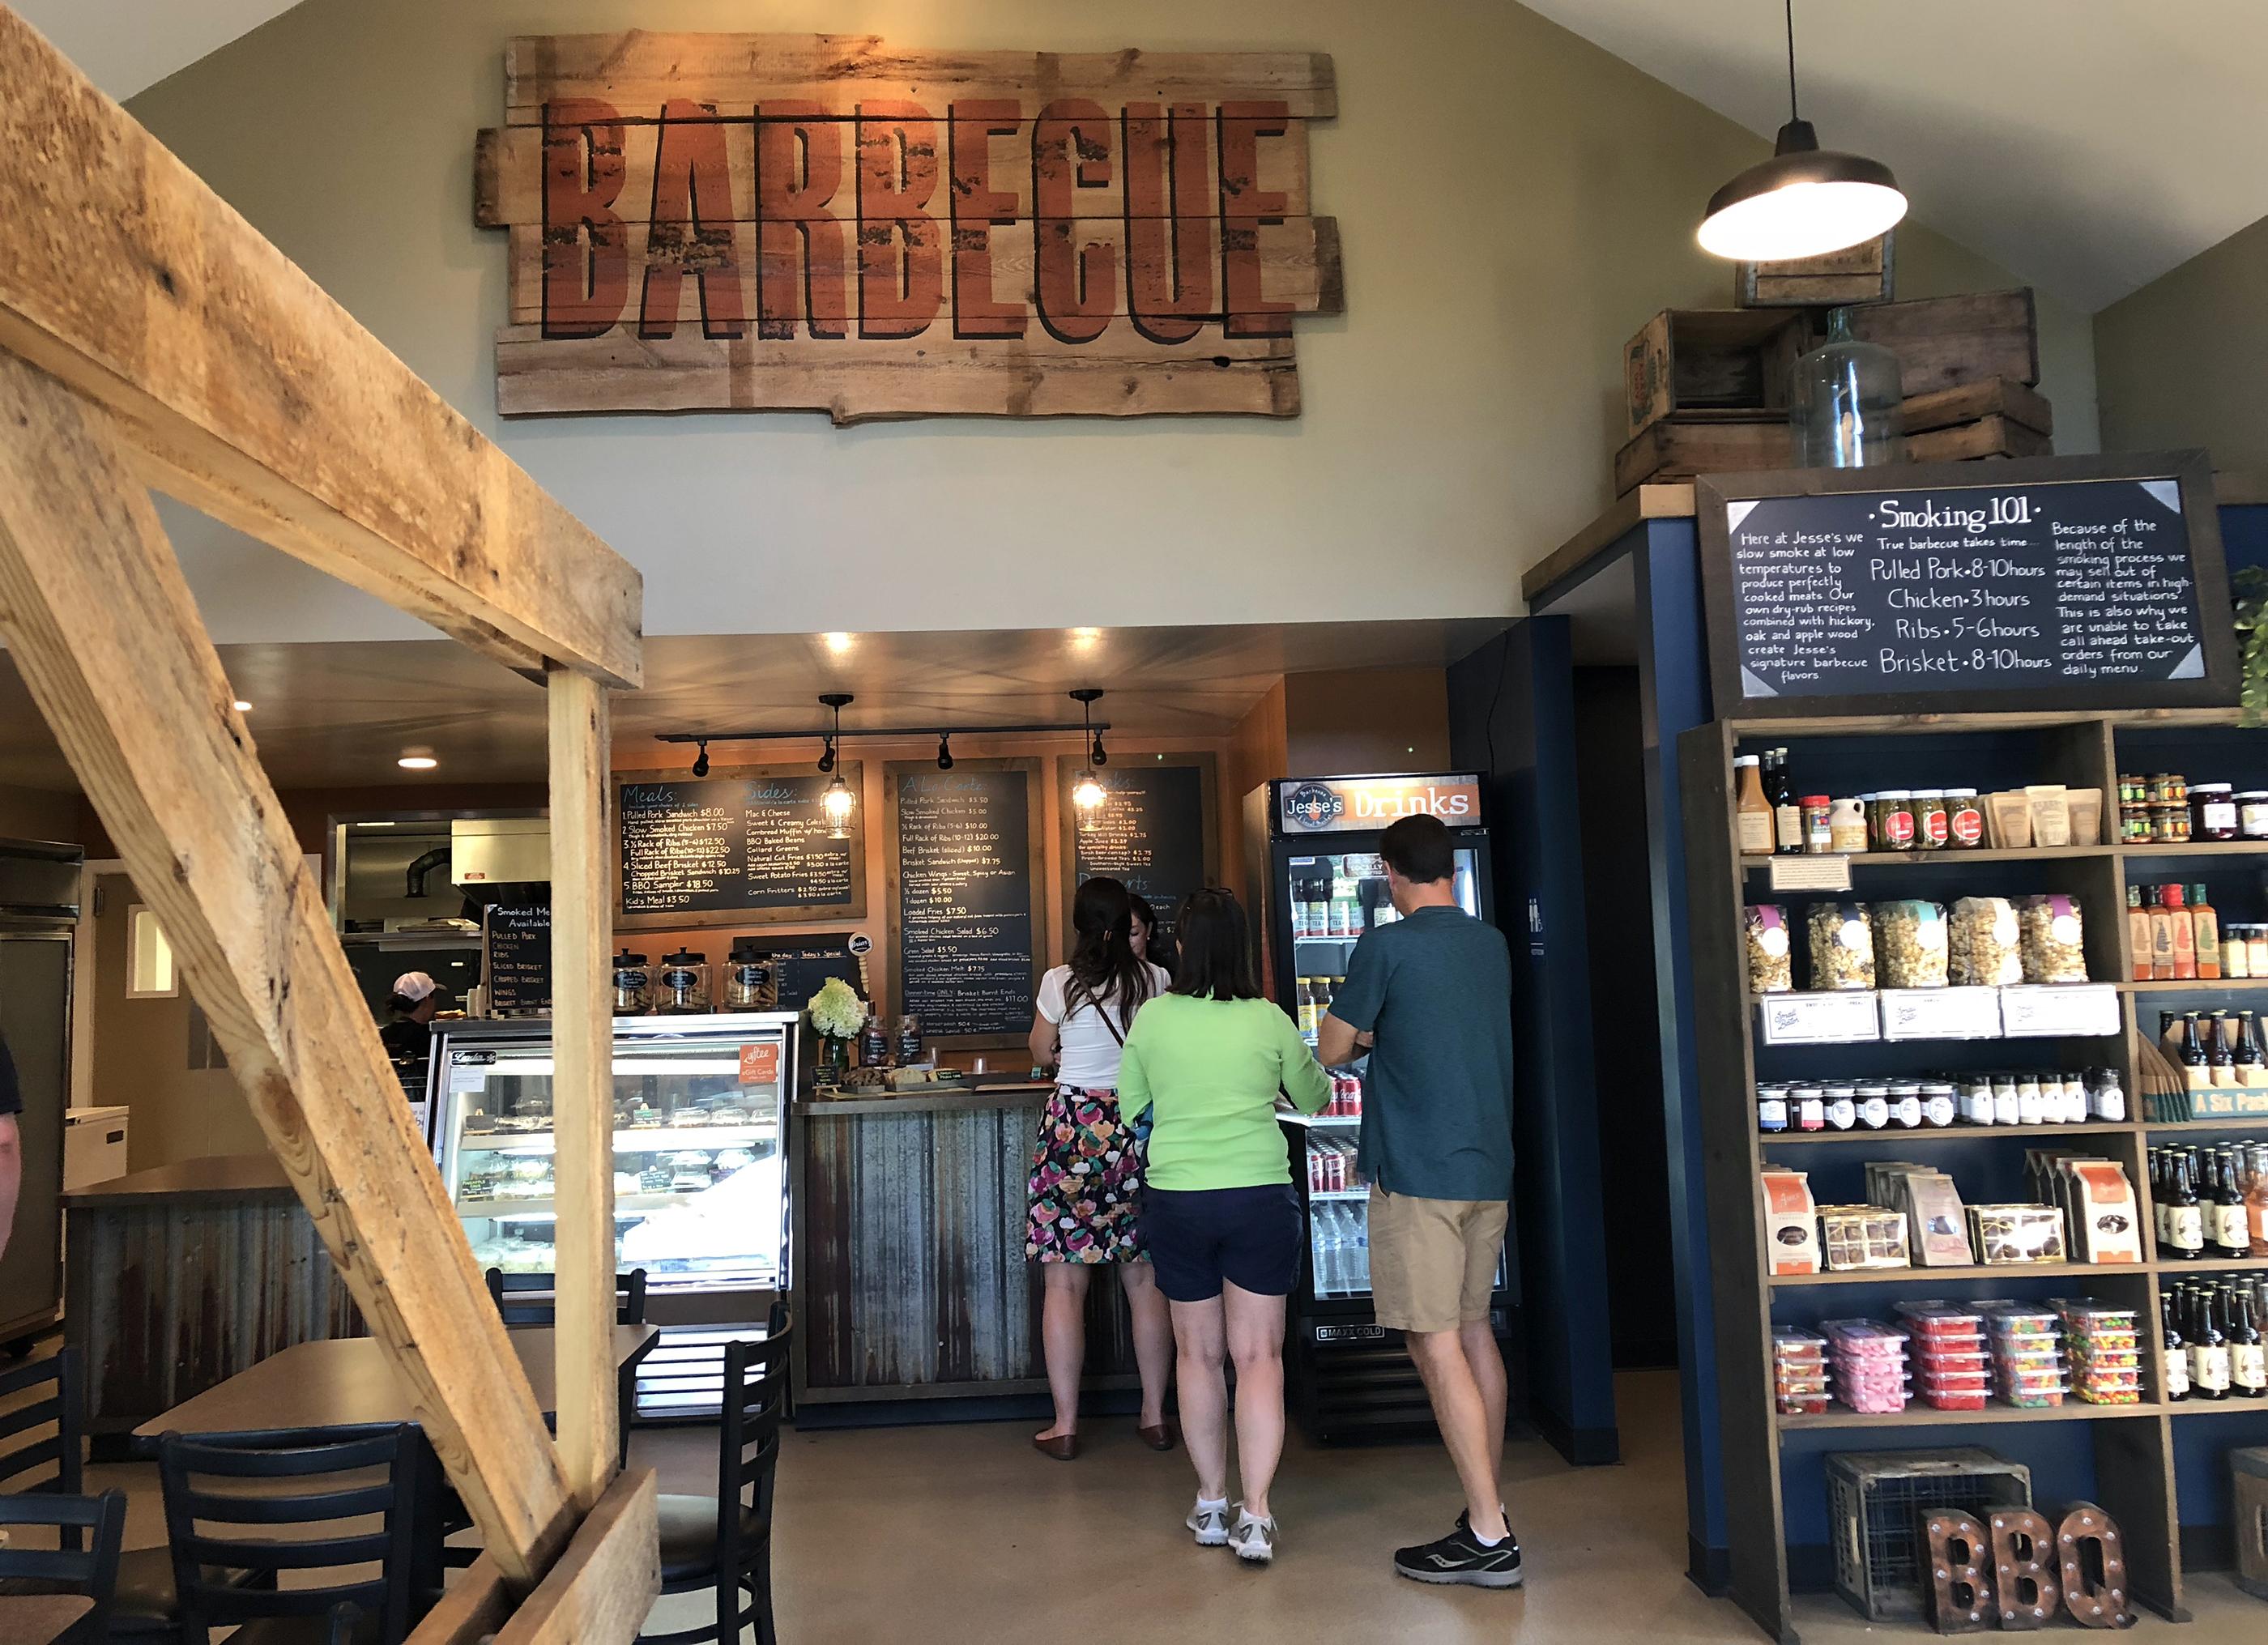 Jesse Barbecue & Local Market